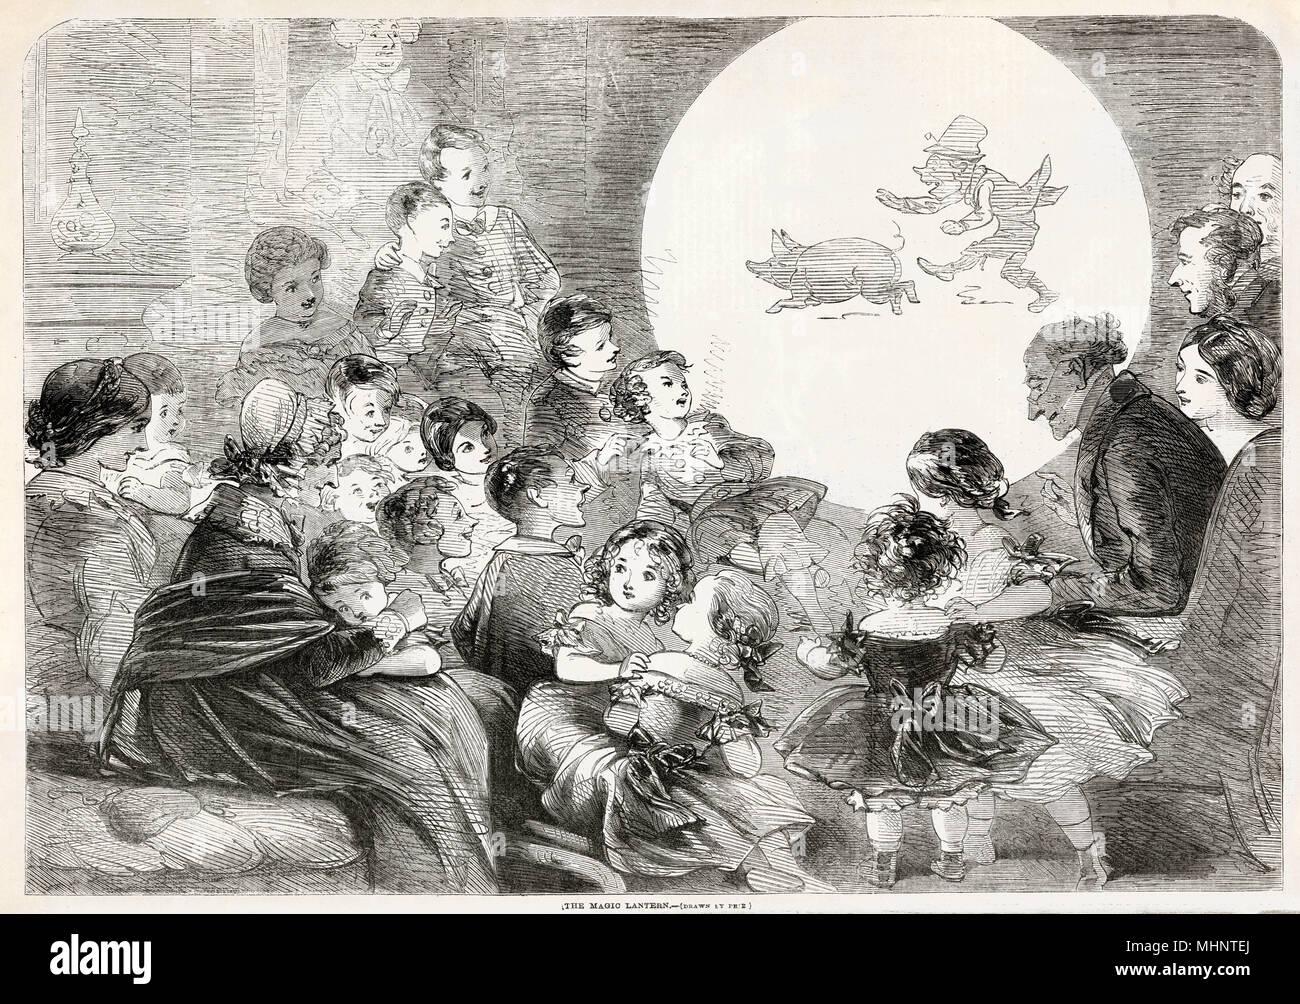 Animation, soirées avec des enfants émerveillés par les diapositives sur verre lumineux été projetée sur le mur. Date: 1858 Photo Stock